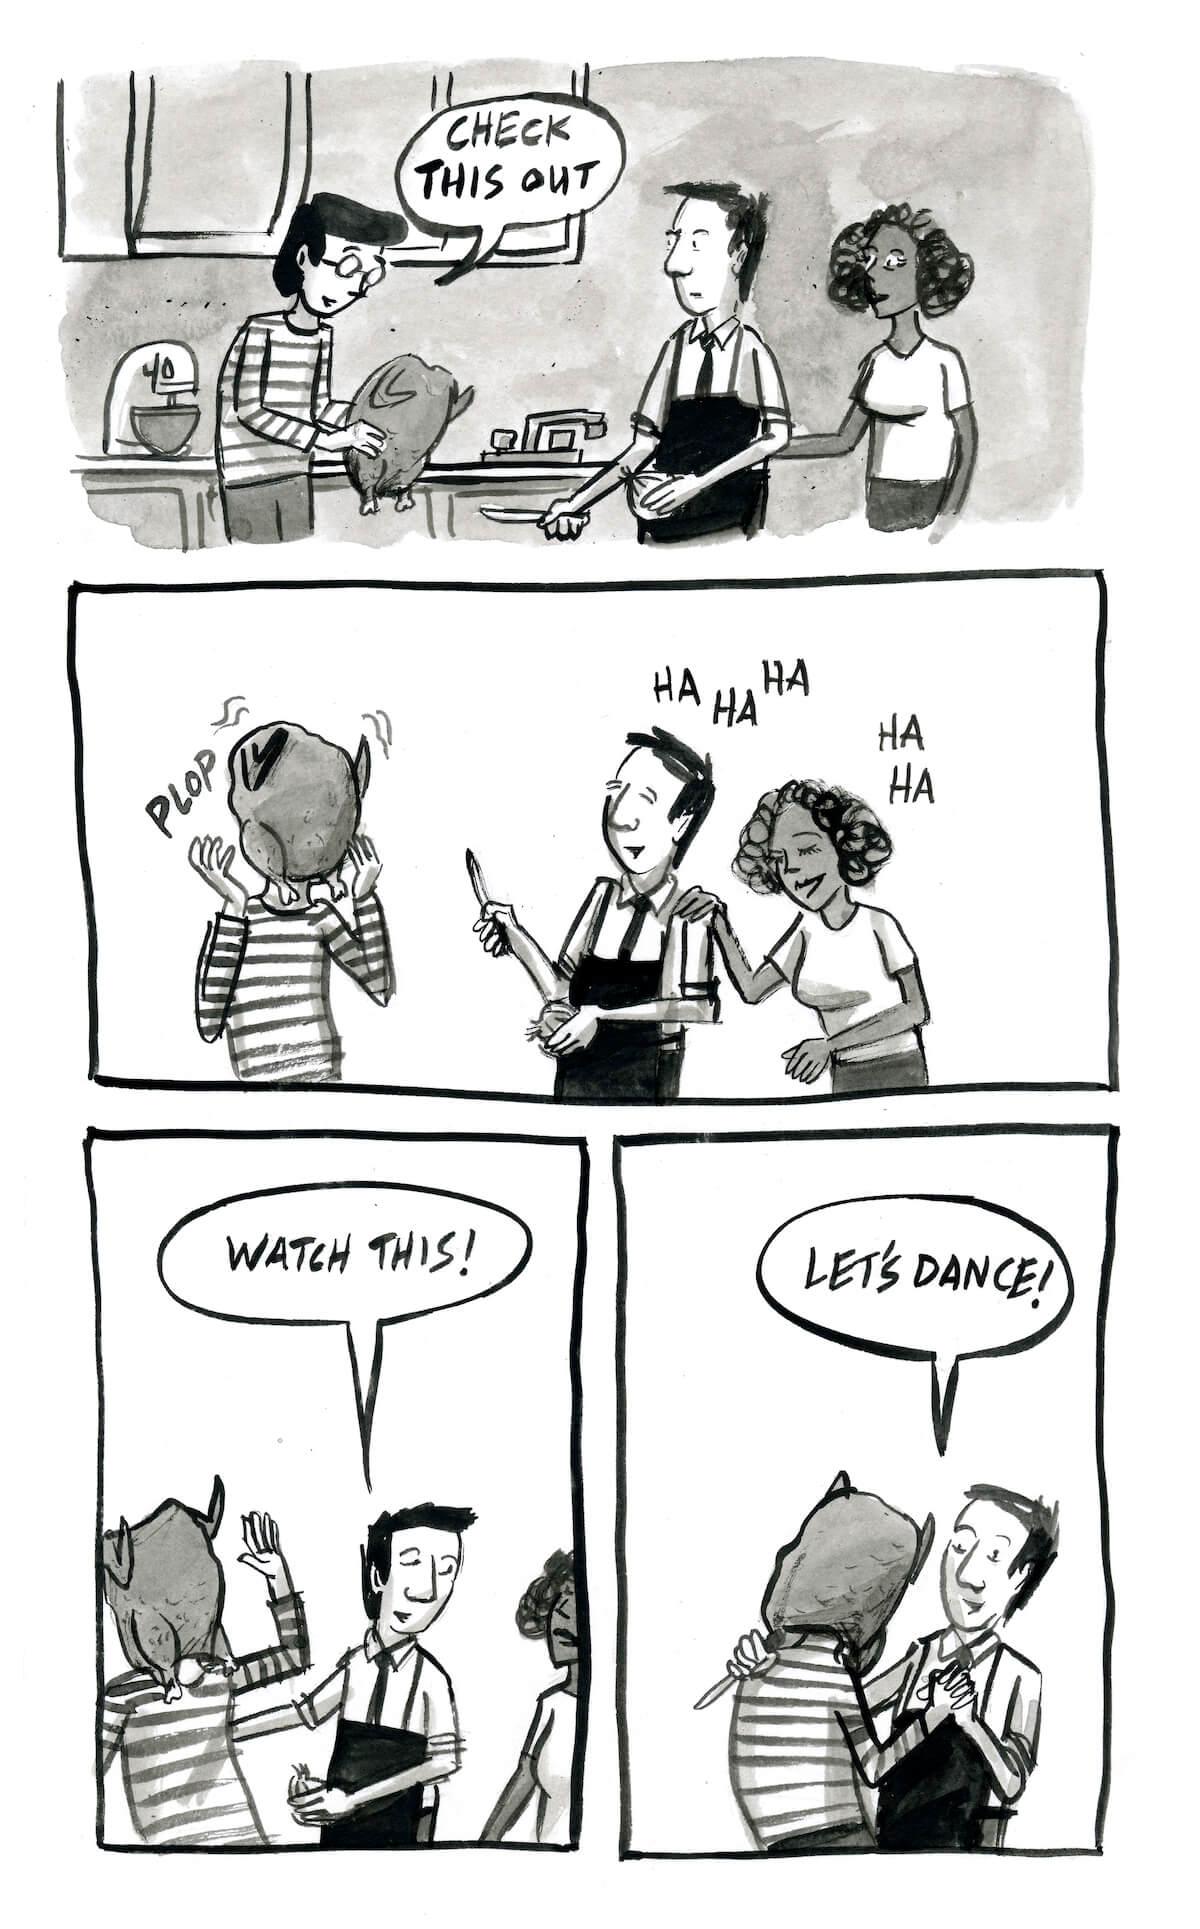 994b6bc183 Aaron Bagley's Dream Comics: Let's Dance